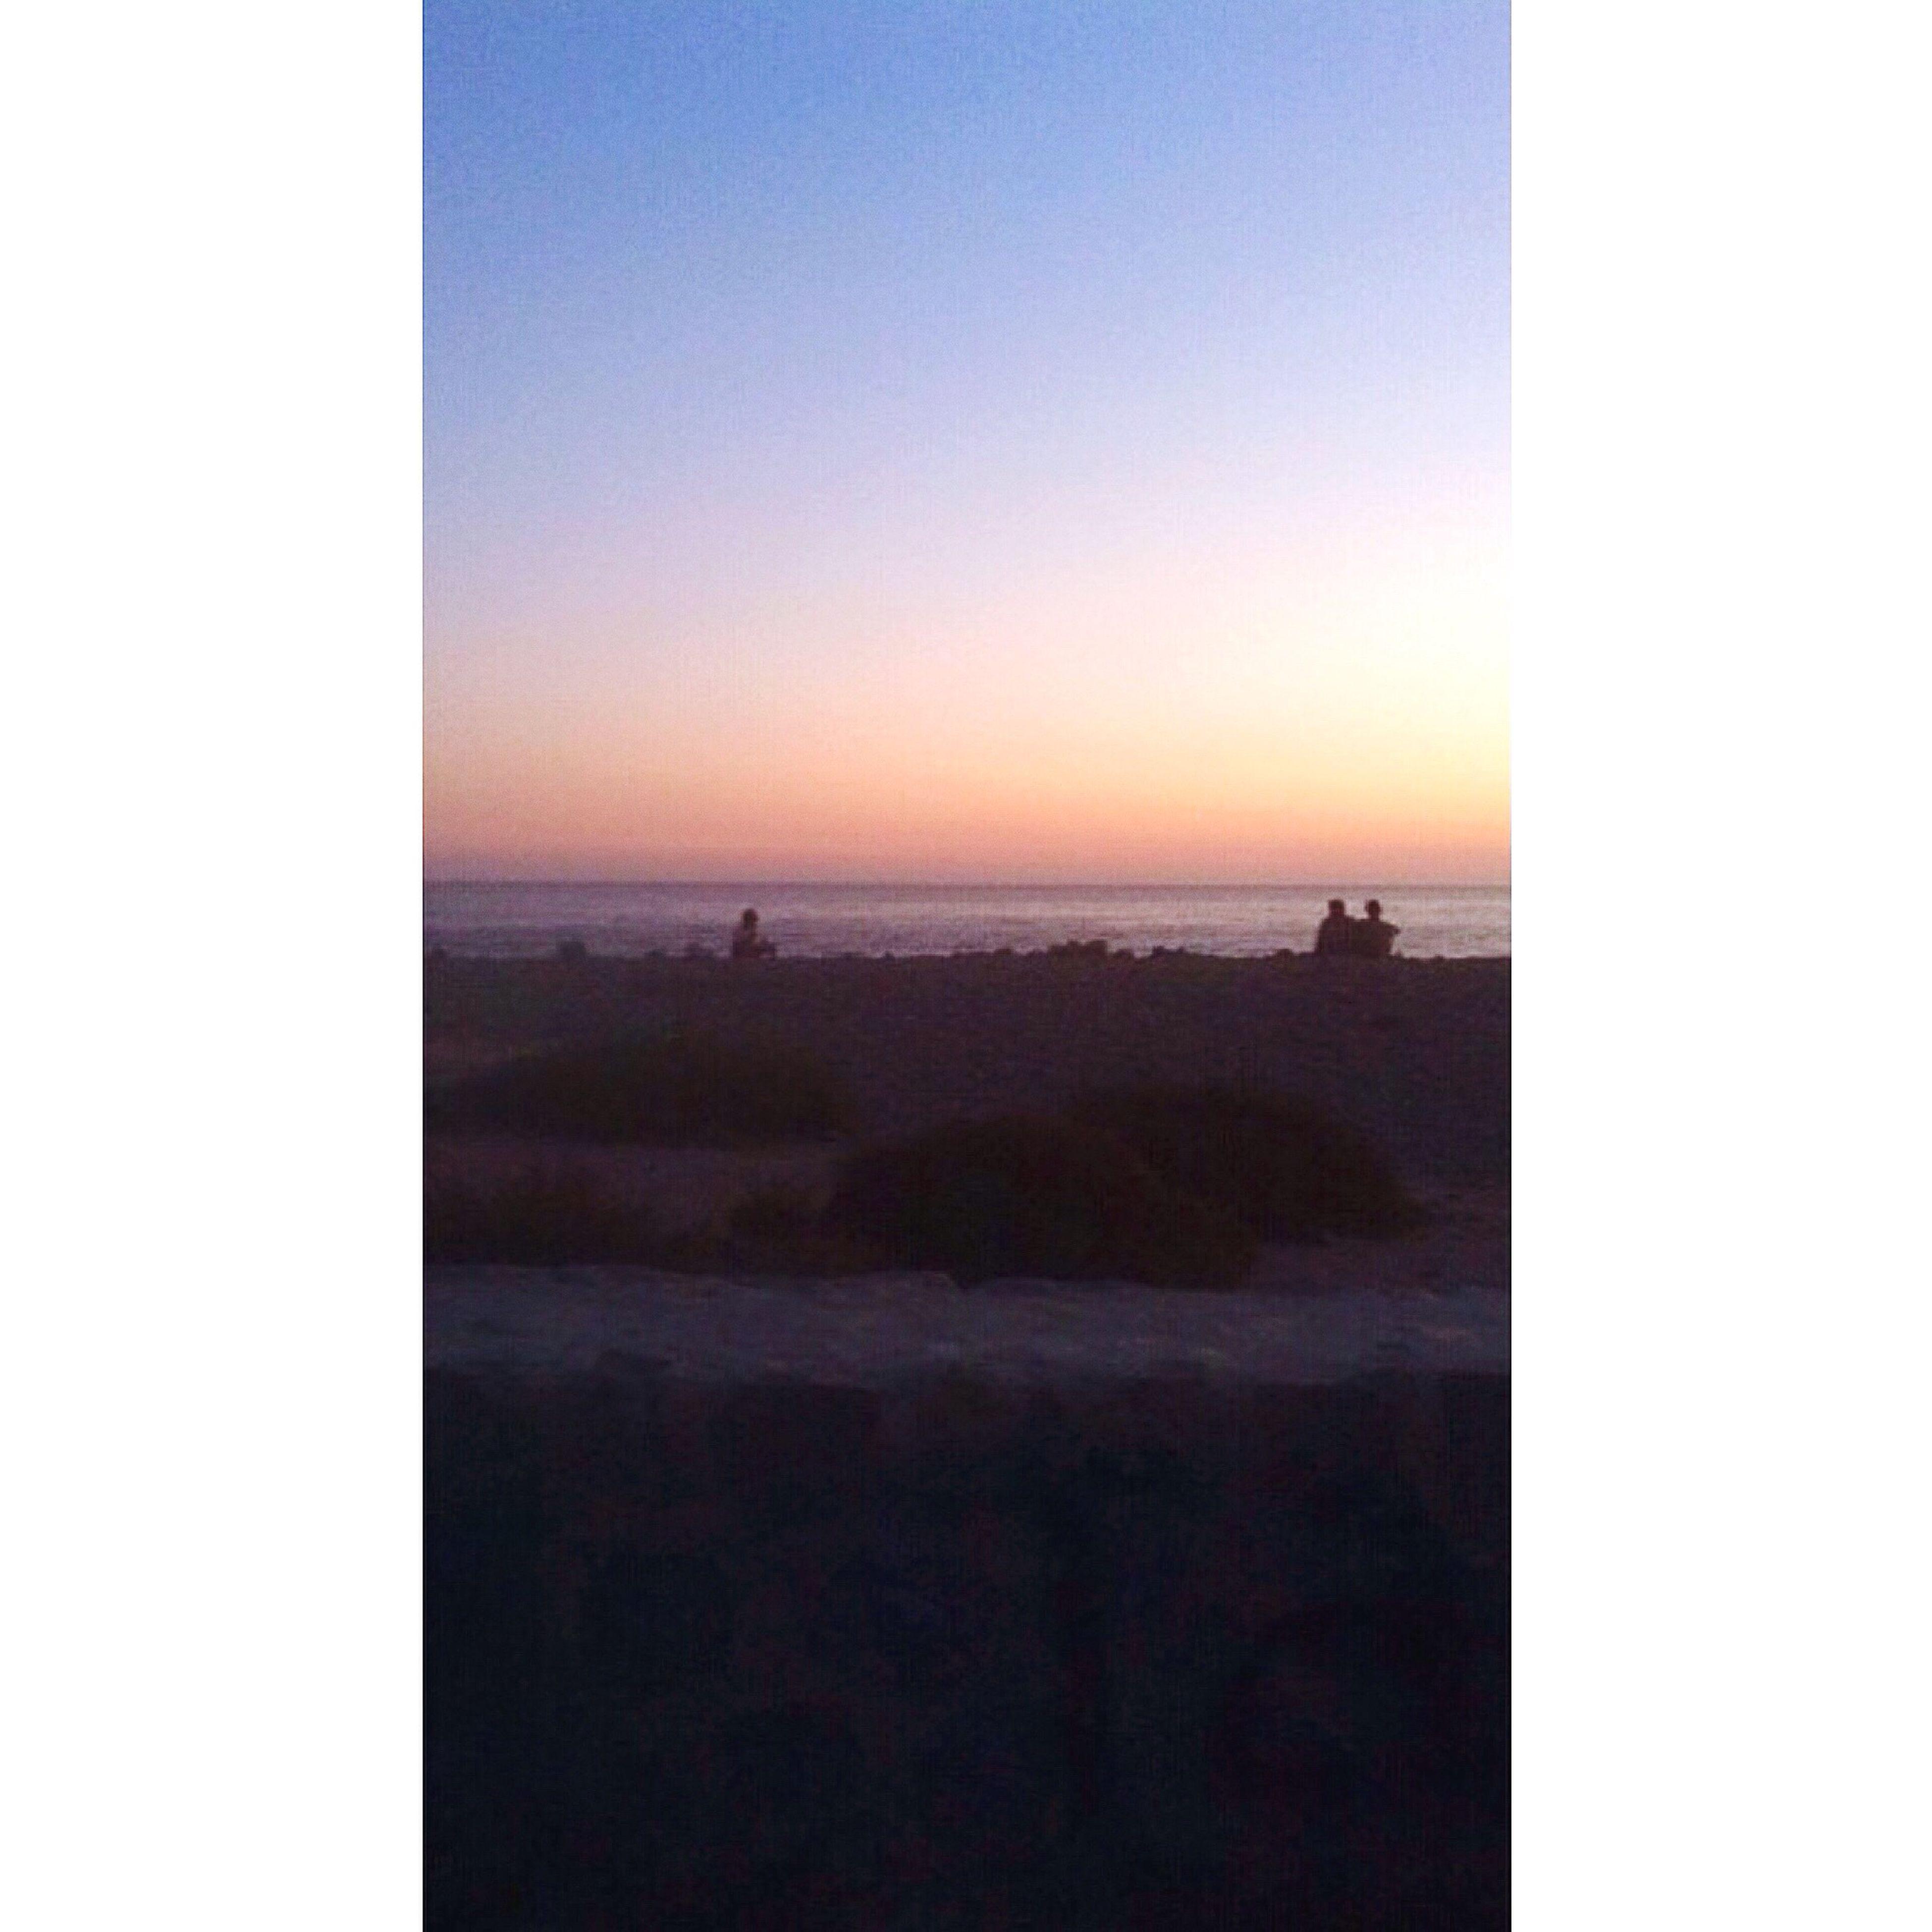 Experimental Beach Ibiza🌅 Sunset Experimentalbeach Ibiza